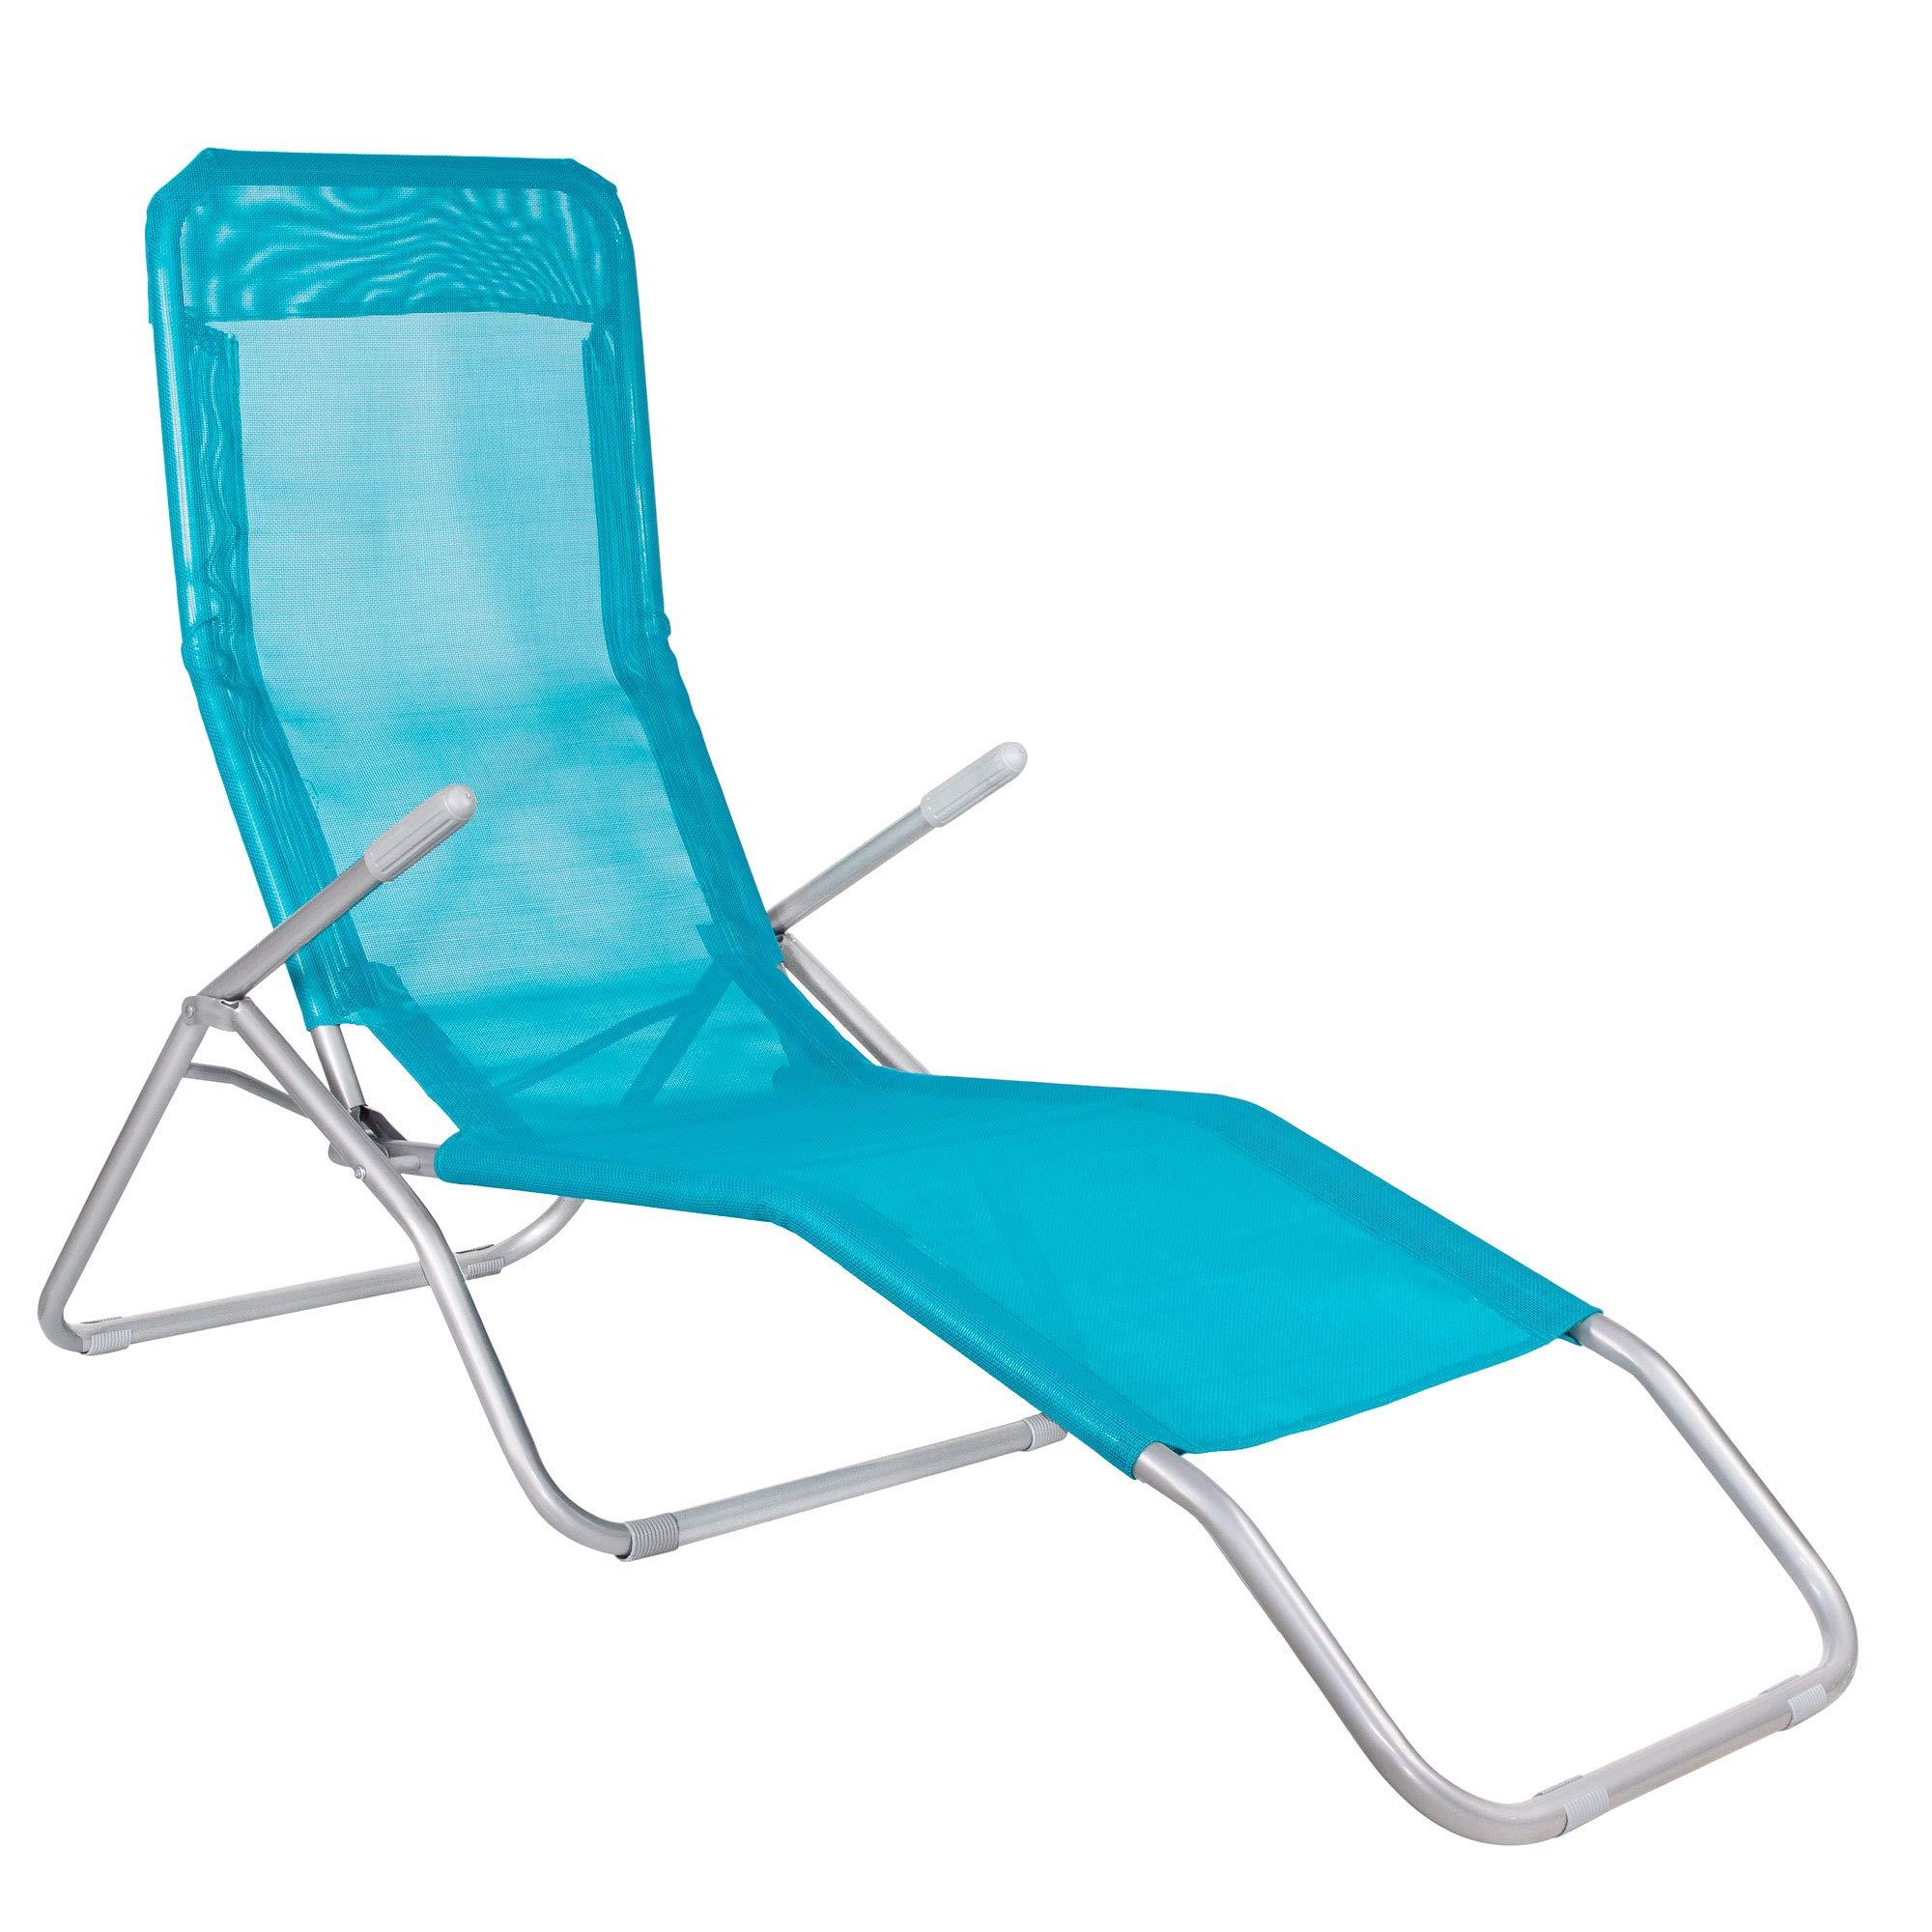 VERDELOOK Lettino Riccione da Spiaggia 94x58x82 cm Blu